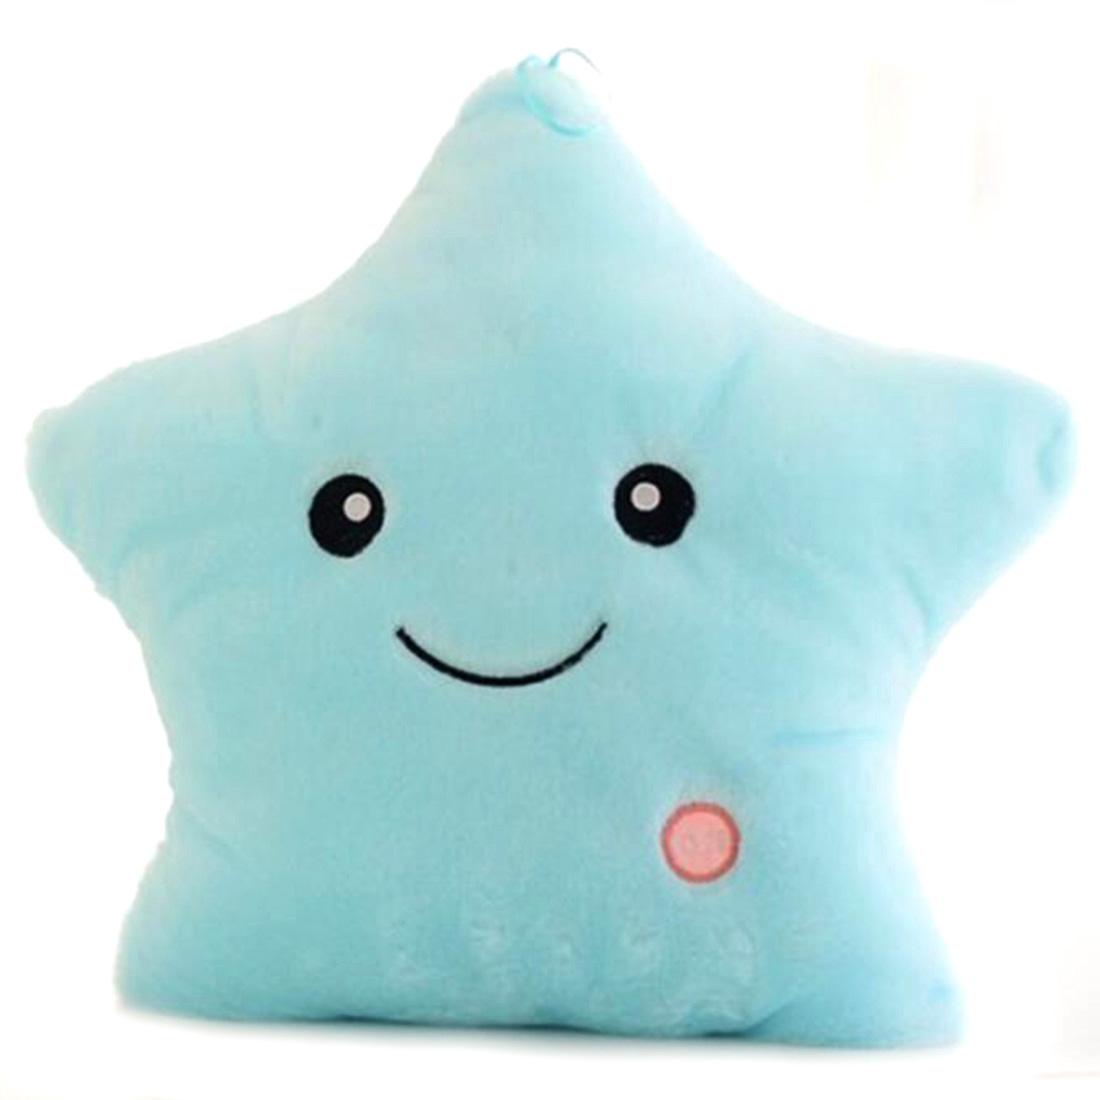 מוצר Colorful Body Pillow Star Glow Led Luminous Light